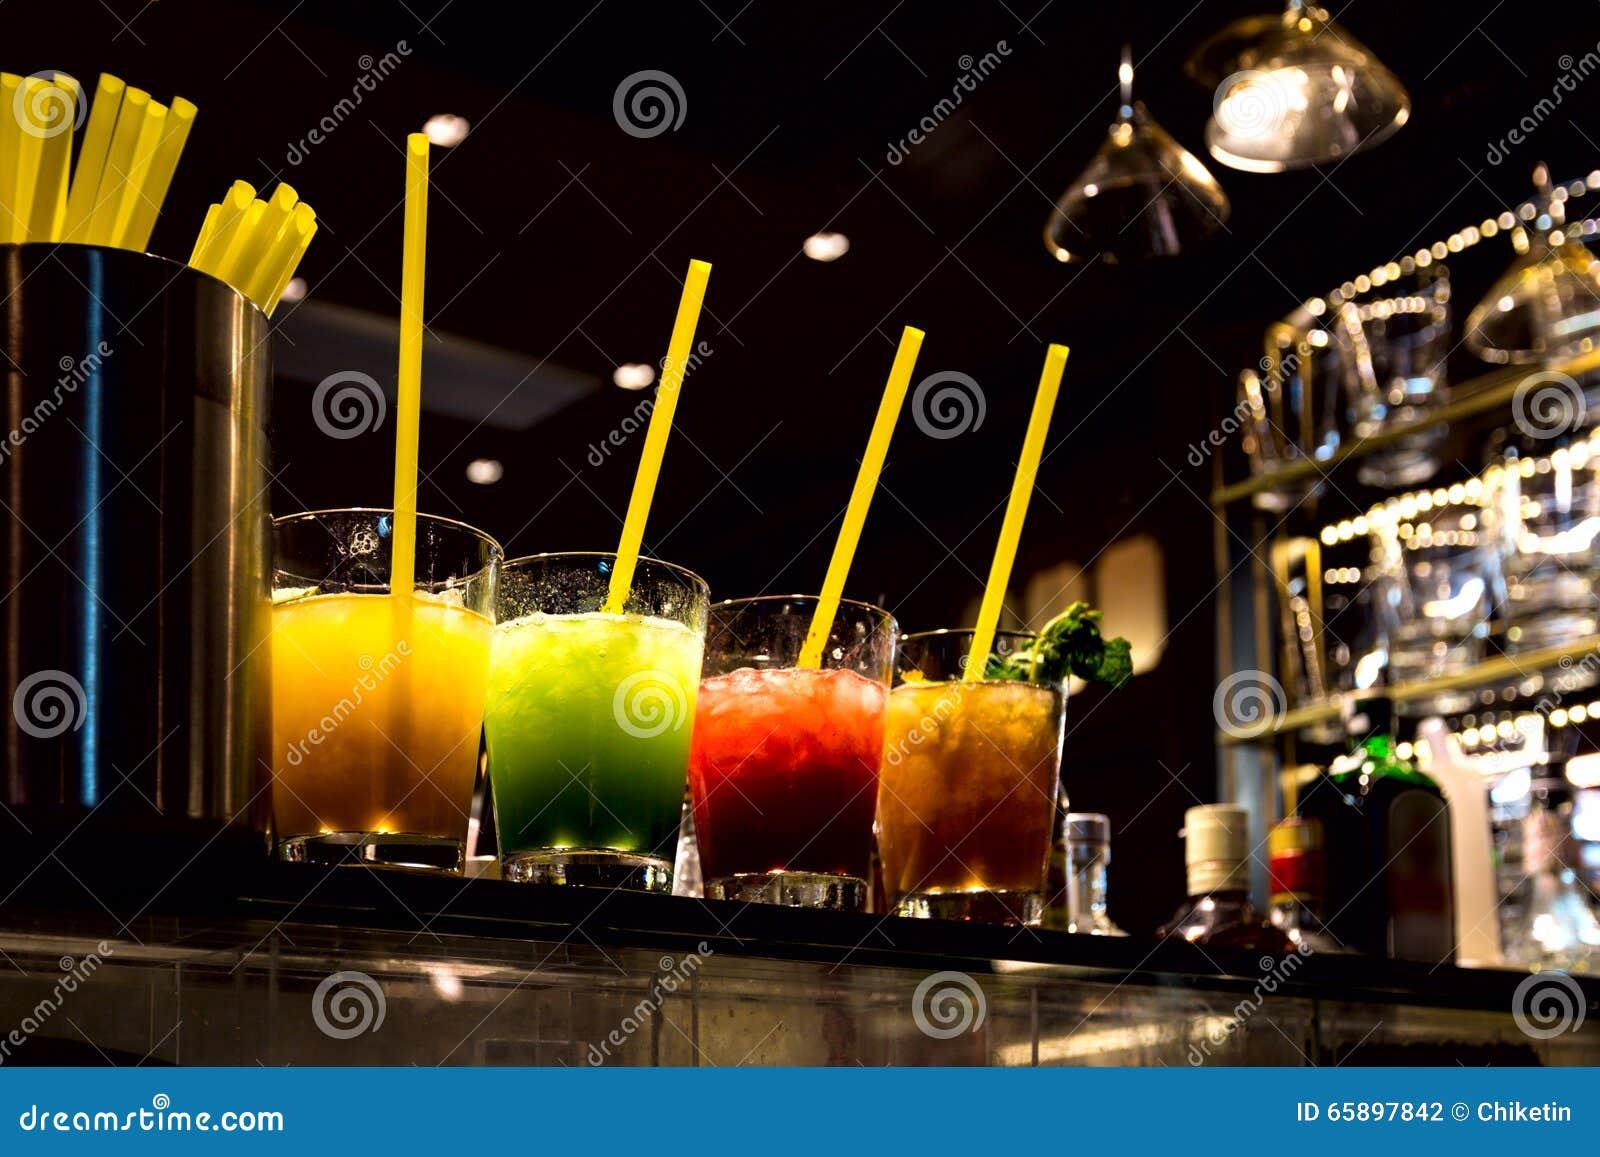 Multi Colored Shot Glasses